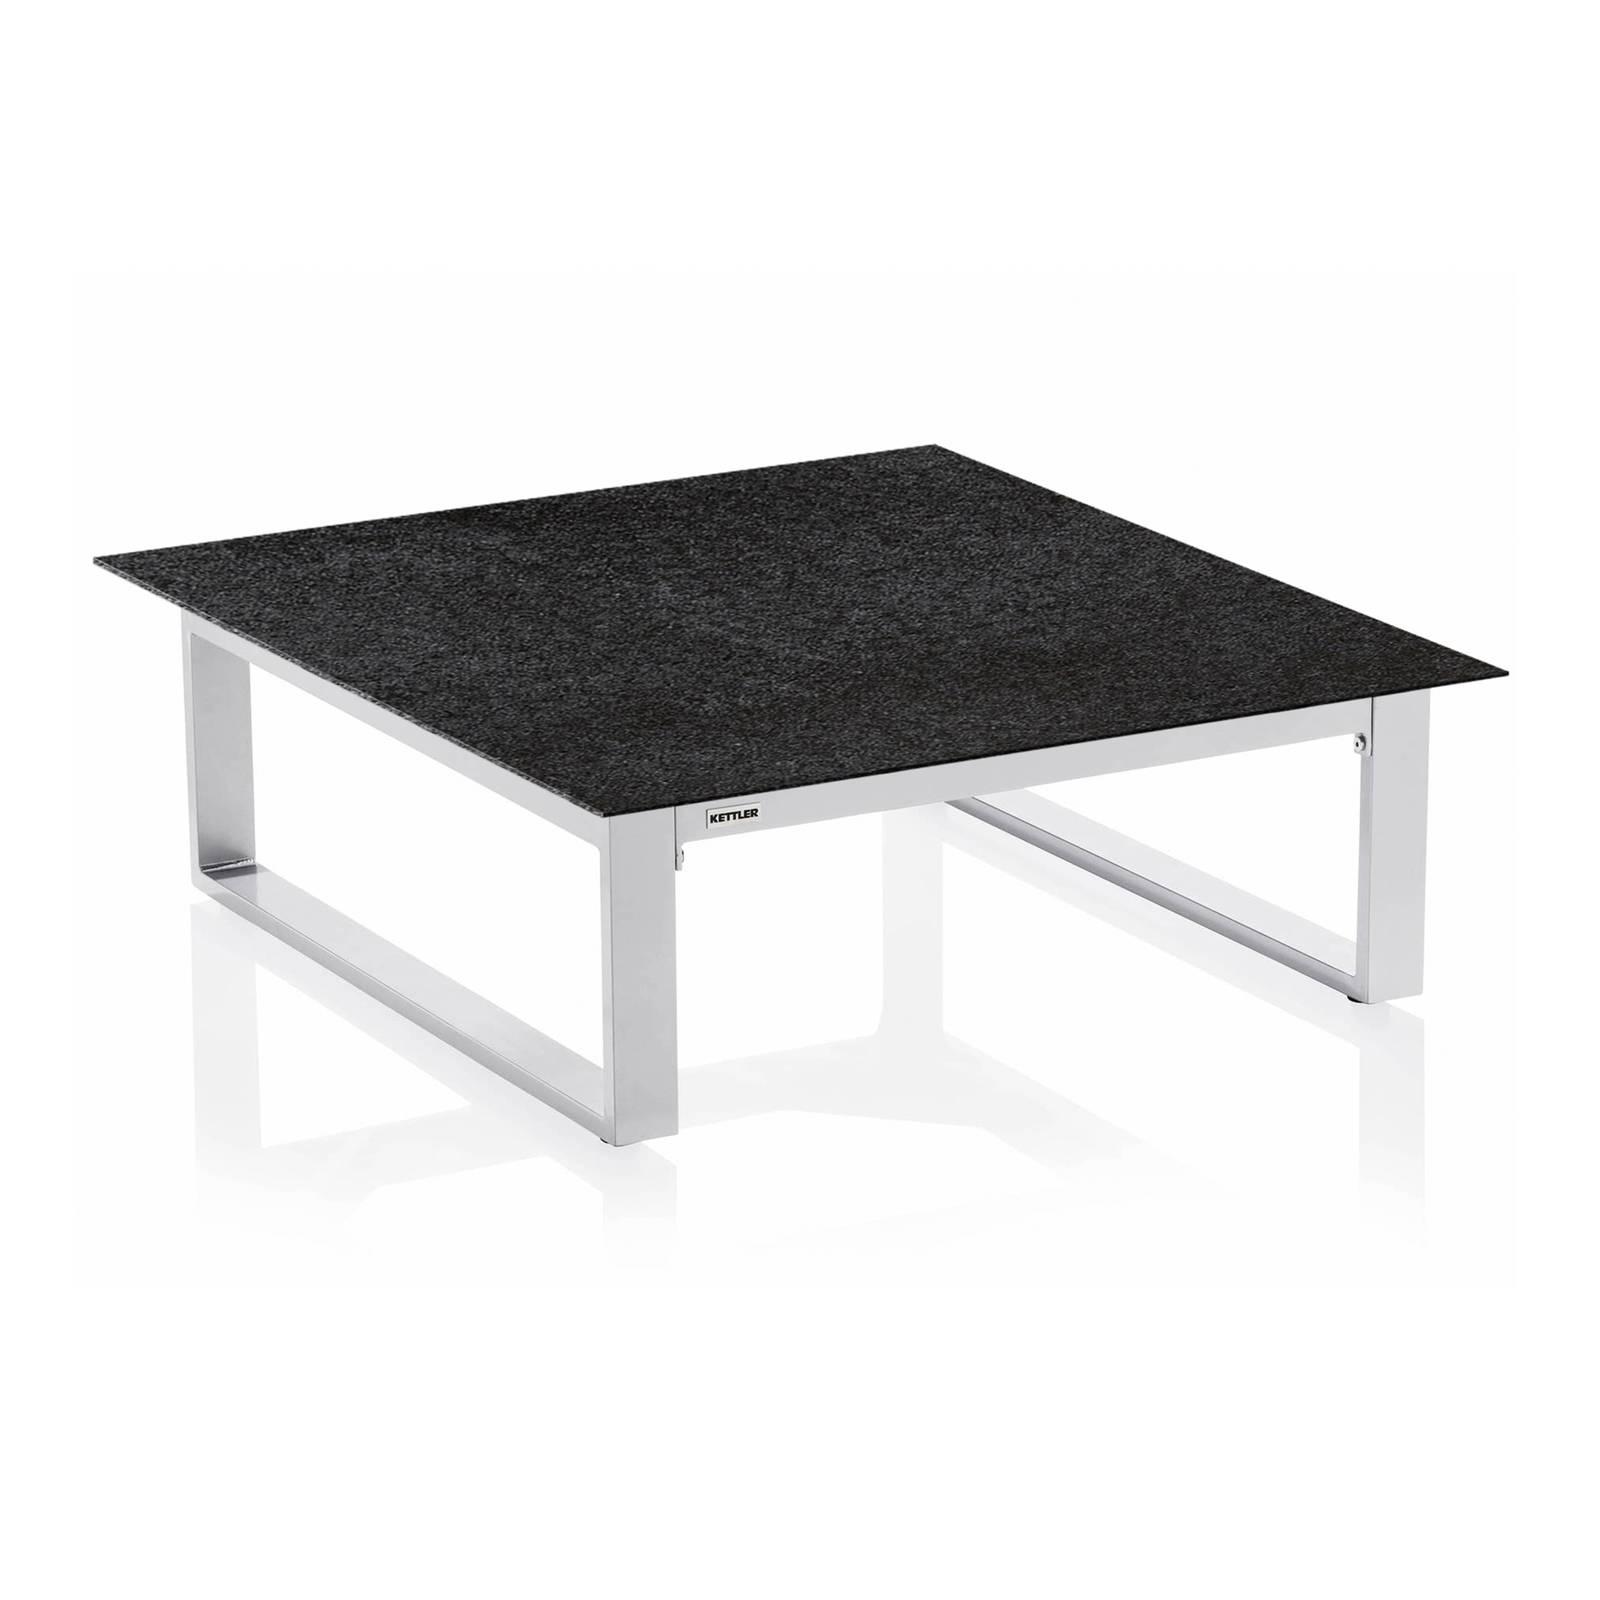 Stół Ego 95 x 95 x 33 cm srebrno-antracytowy KETTLER